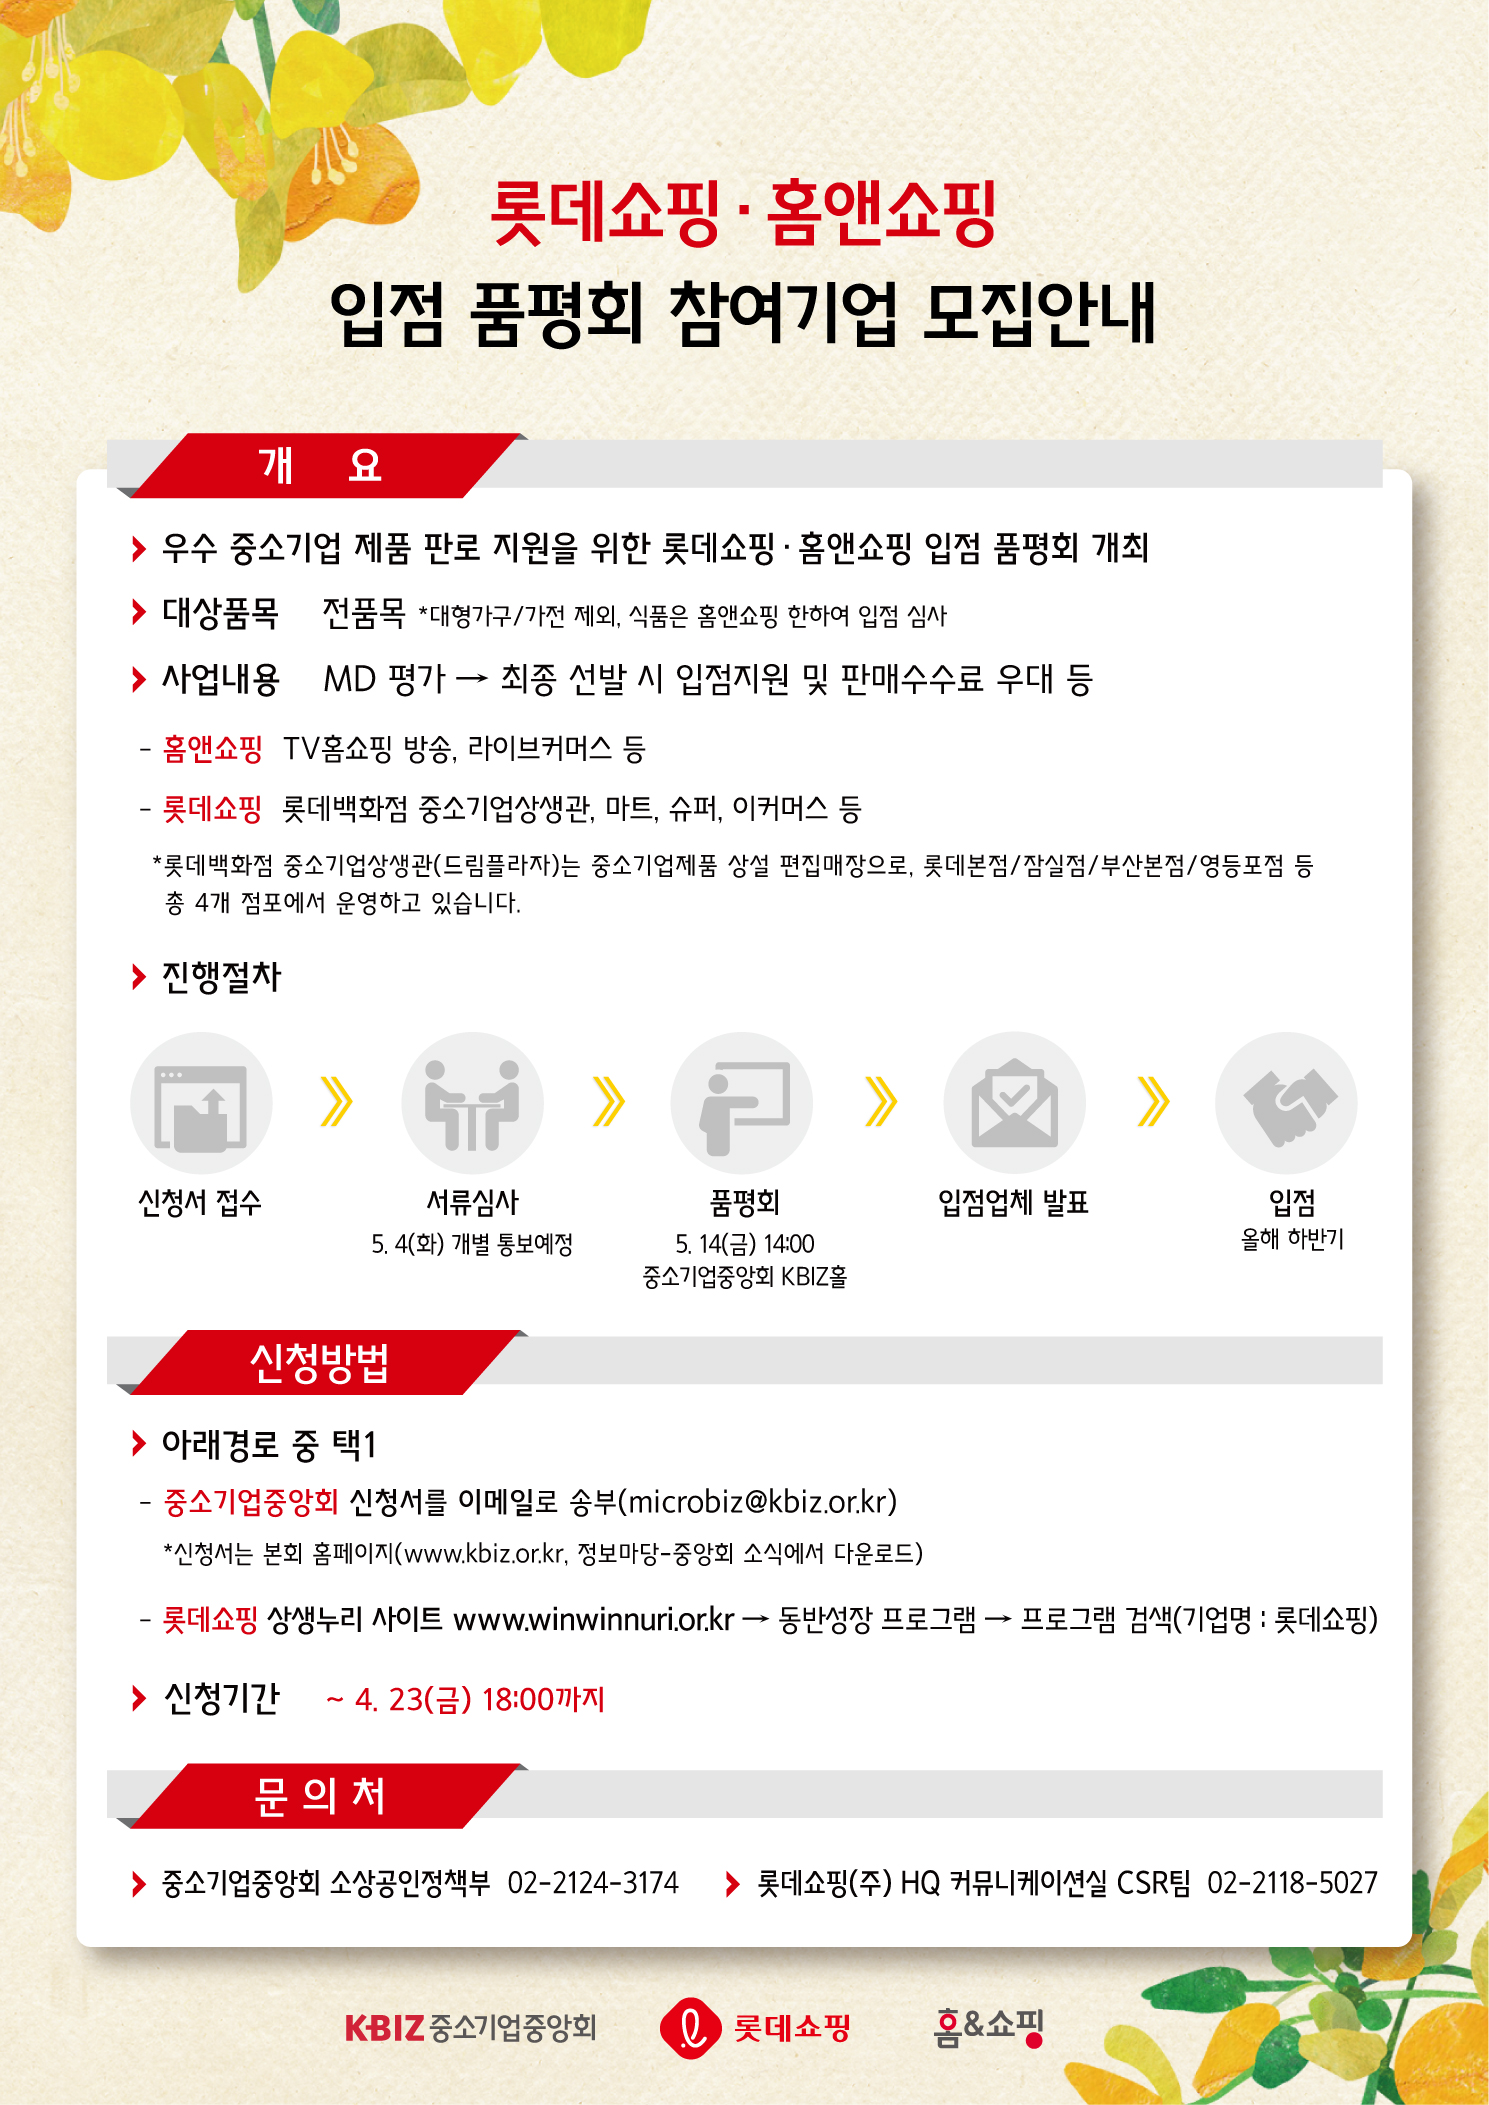 우수 중소기업 제품 판로 지원을 위한 롯데쇼핑 및 홈앤쇼핑 입점 품평회 개최 홍보 [이미지]